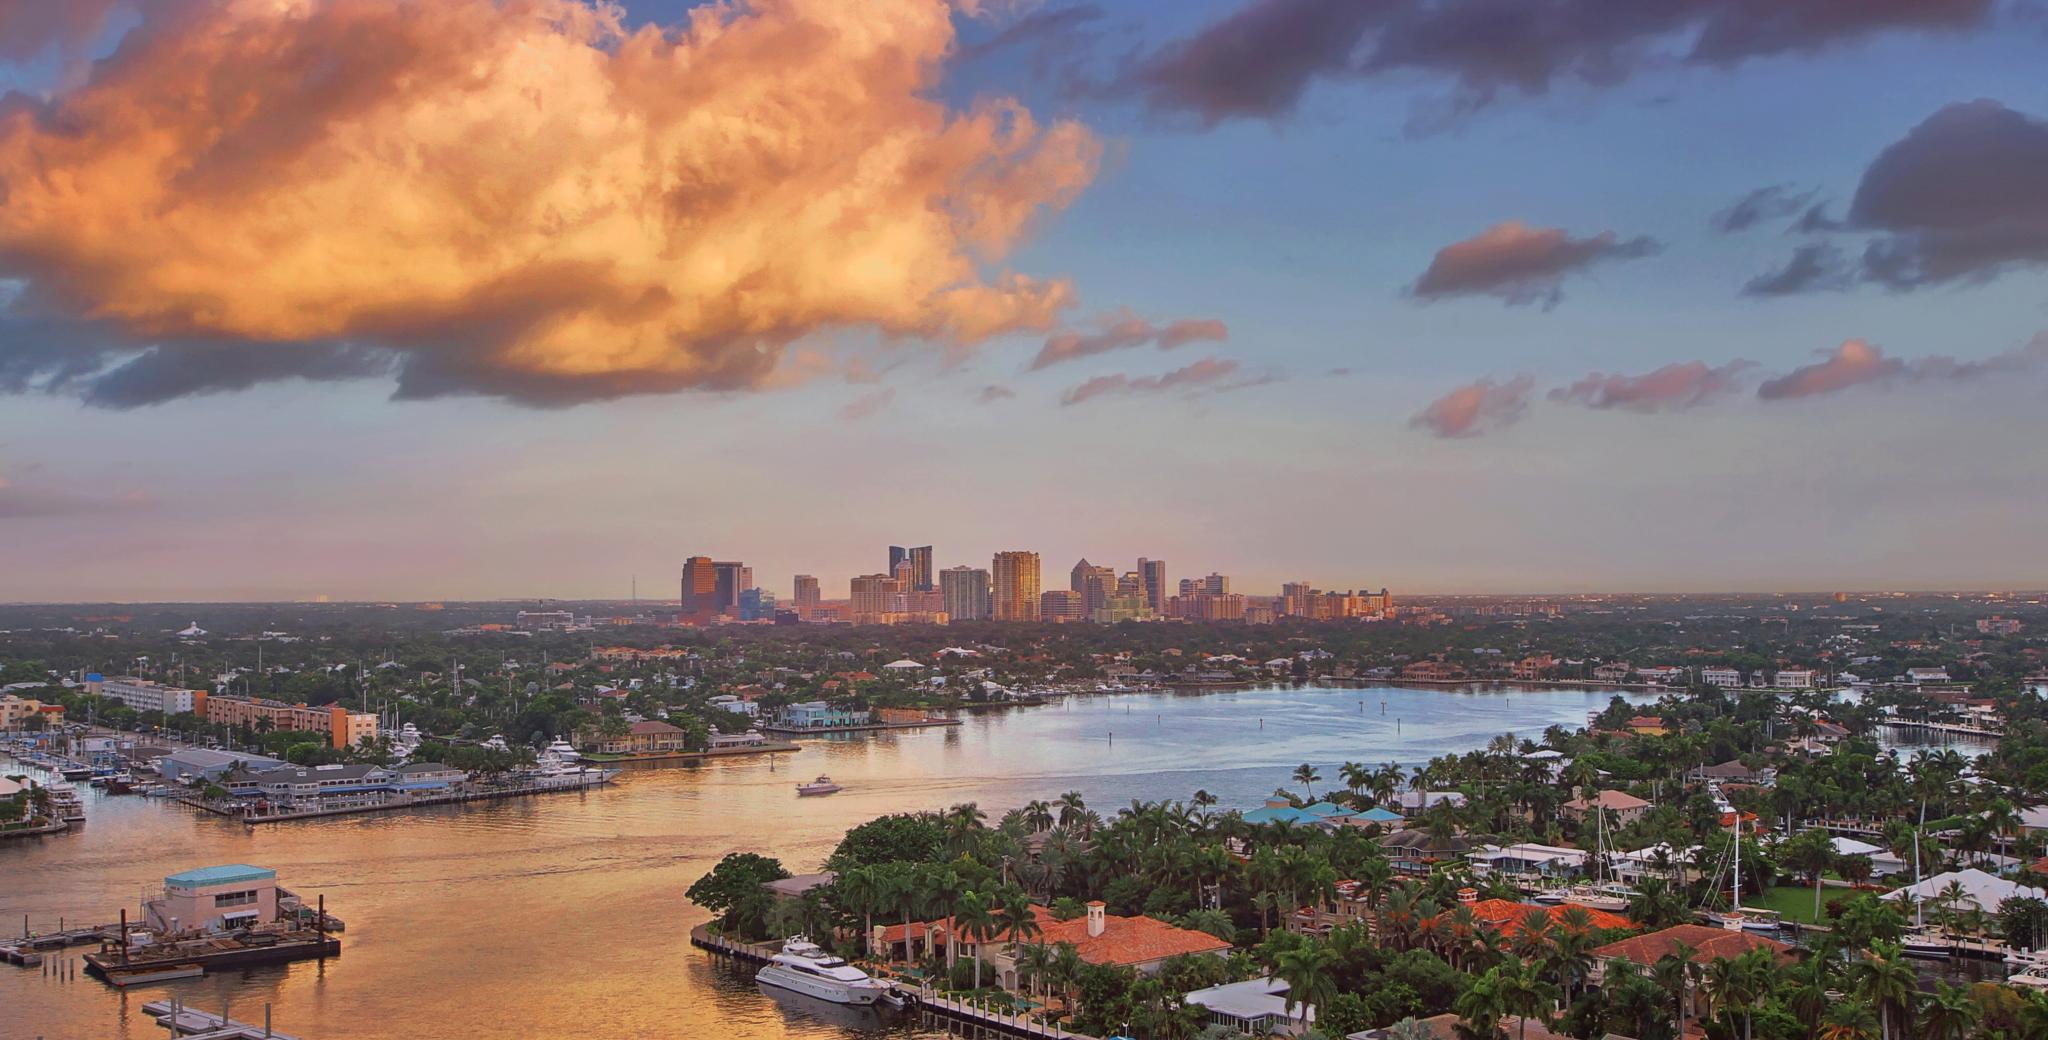 Barnes Miami; agence immobilière Miami; achat; Acheter à Miami; vente; vendre à Miami; location; louer à Miami; immobilier de prestige Miami; appartement à Miami; appartement Miami; condo à Miami; condo Miami; maison à Miami; maison Miami; vivre à Miami; s'expatrier à Miami; achat sur plans à Miami; programmes neufs Miami; immobilier Miami; immobilier à Miami; marché immobilier à Miami; MIami Beach; Coconut Grove; Brickell; Edgewater; Downtown Miami; Coral Gables; Key Biscayne; Fort Lauderdale; Wynwood; immobilier commercial; immobilier commercial Miami